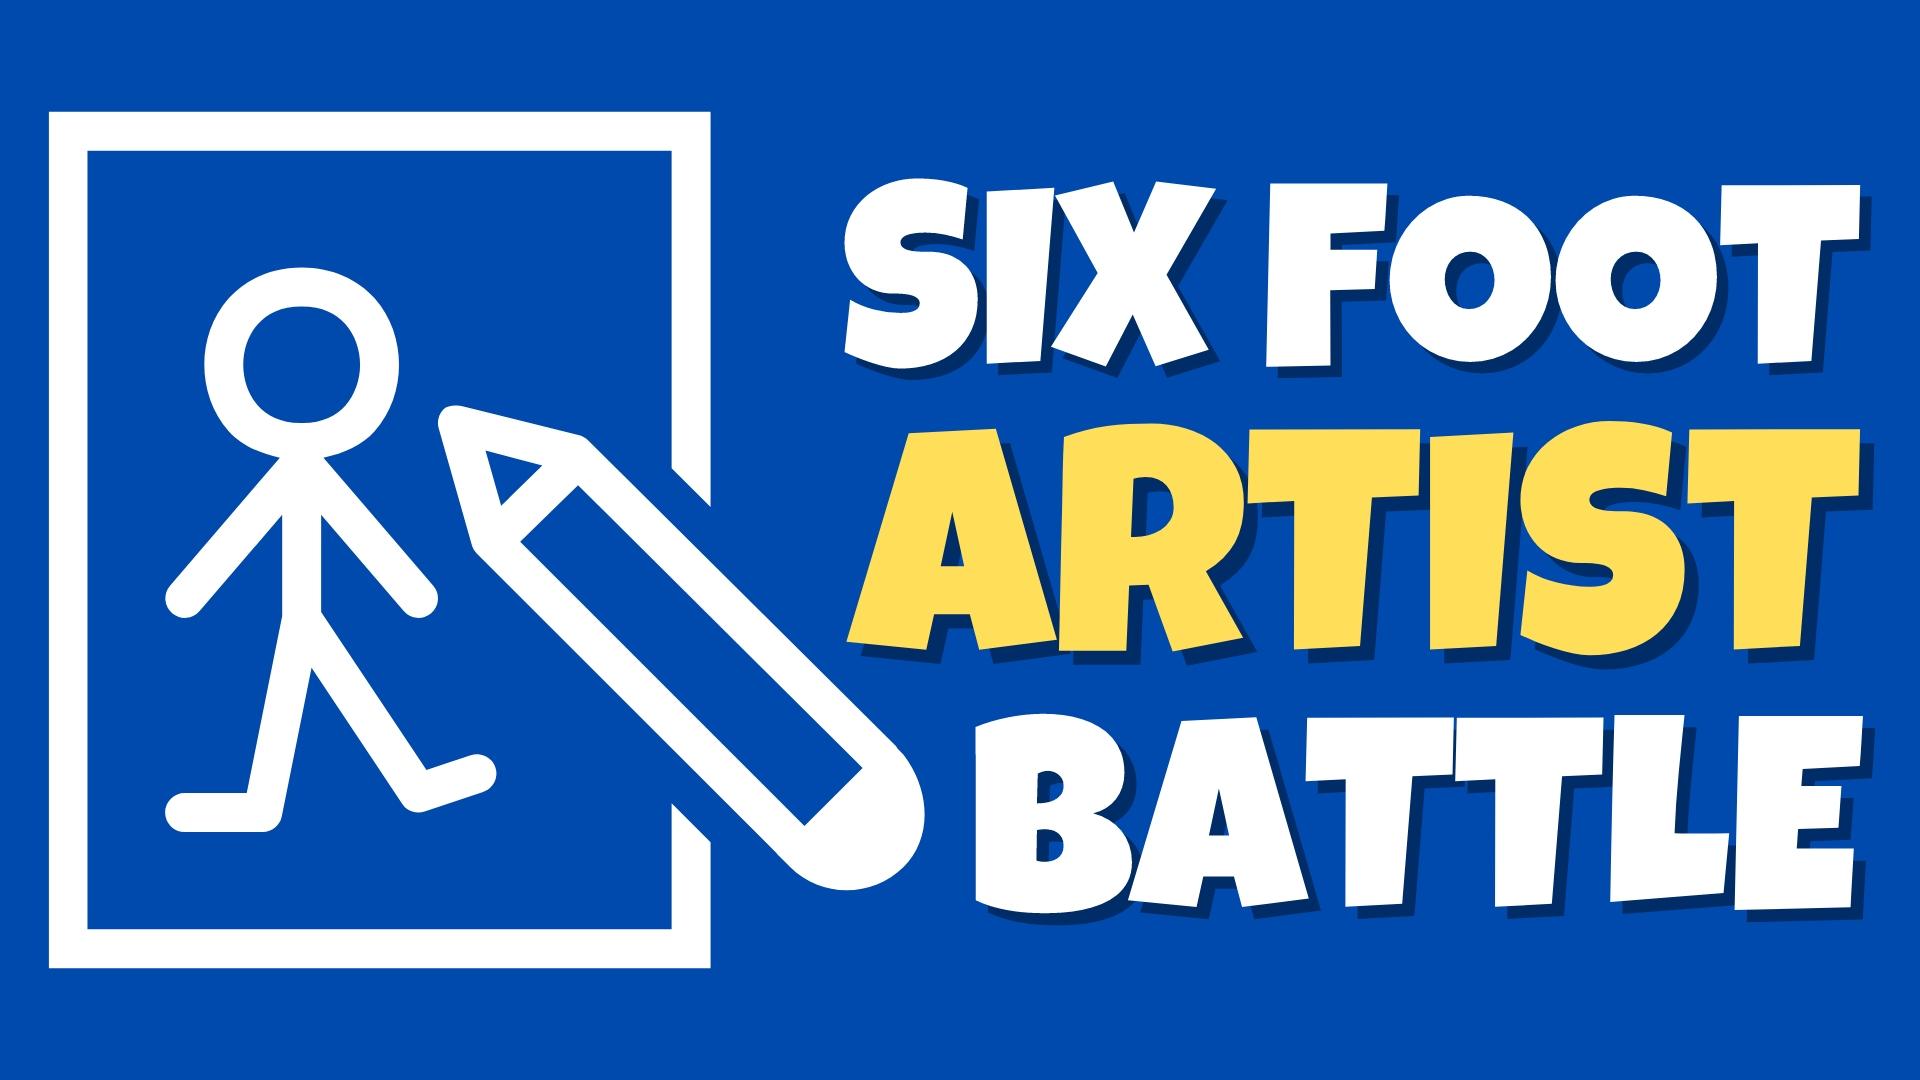 Six Foot Artist Battle